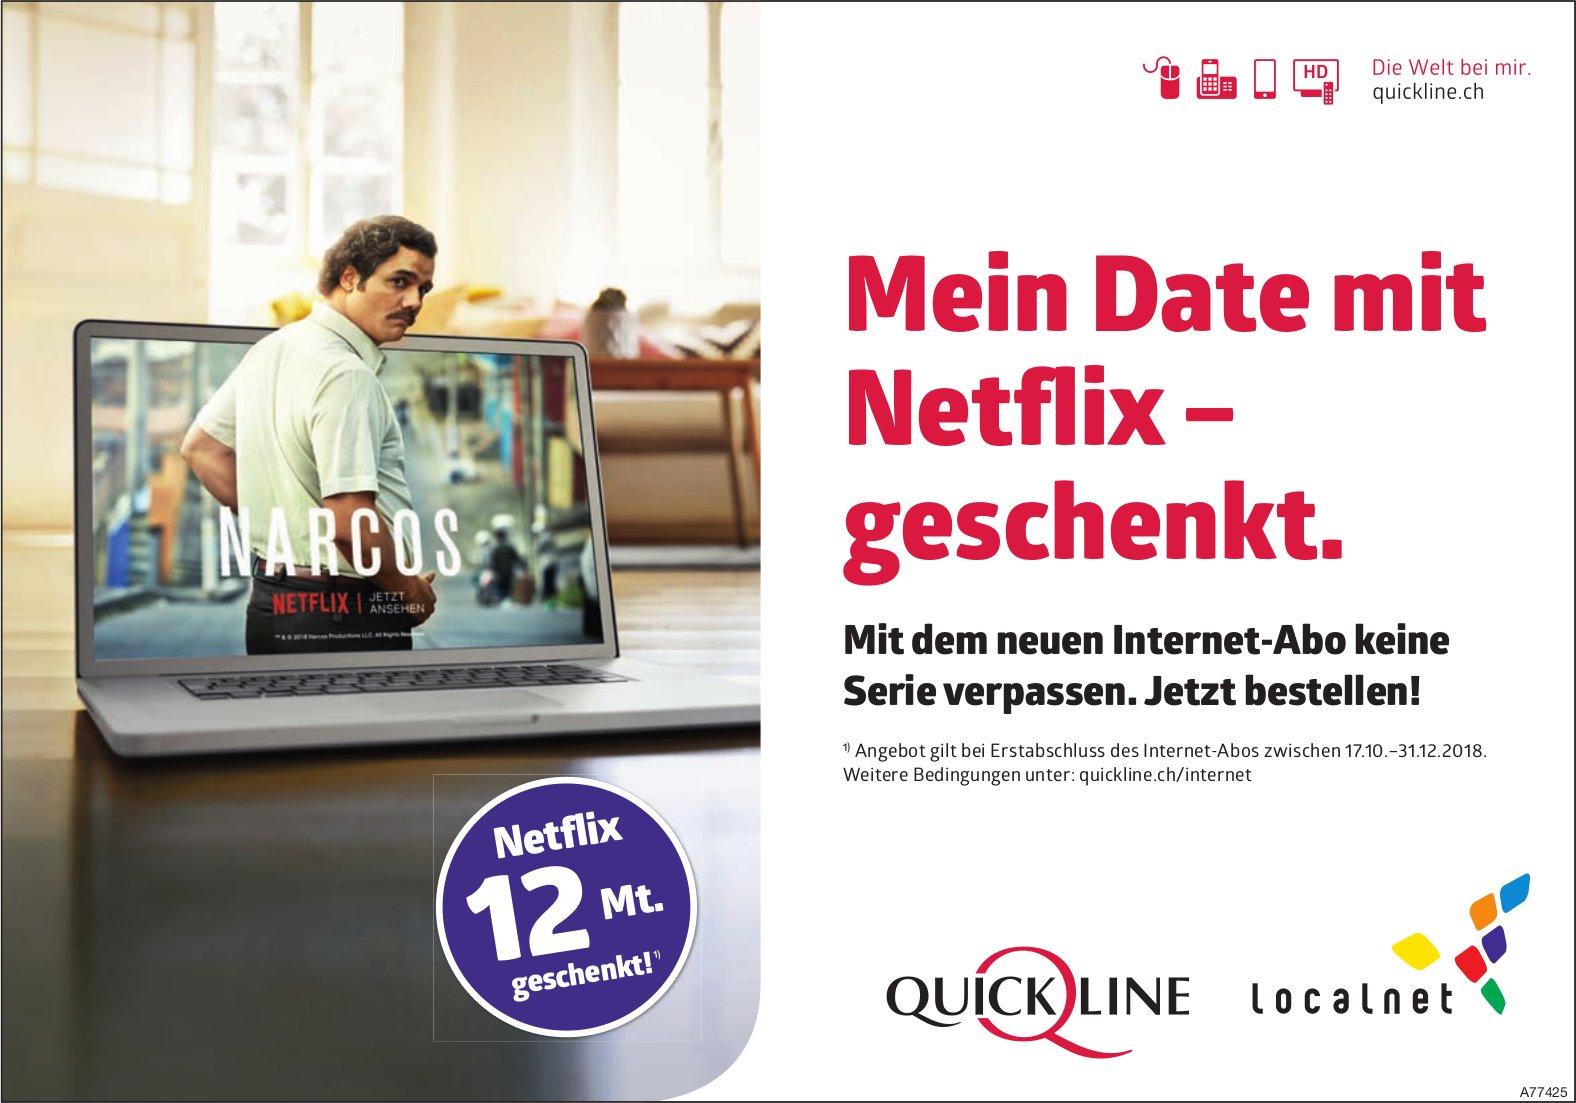 Mein Date mit Netflix – geschenkt, Quickline